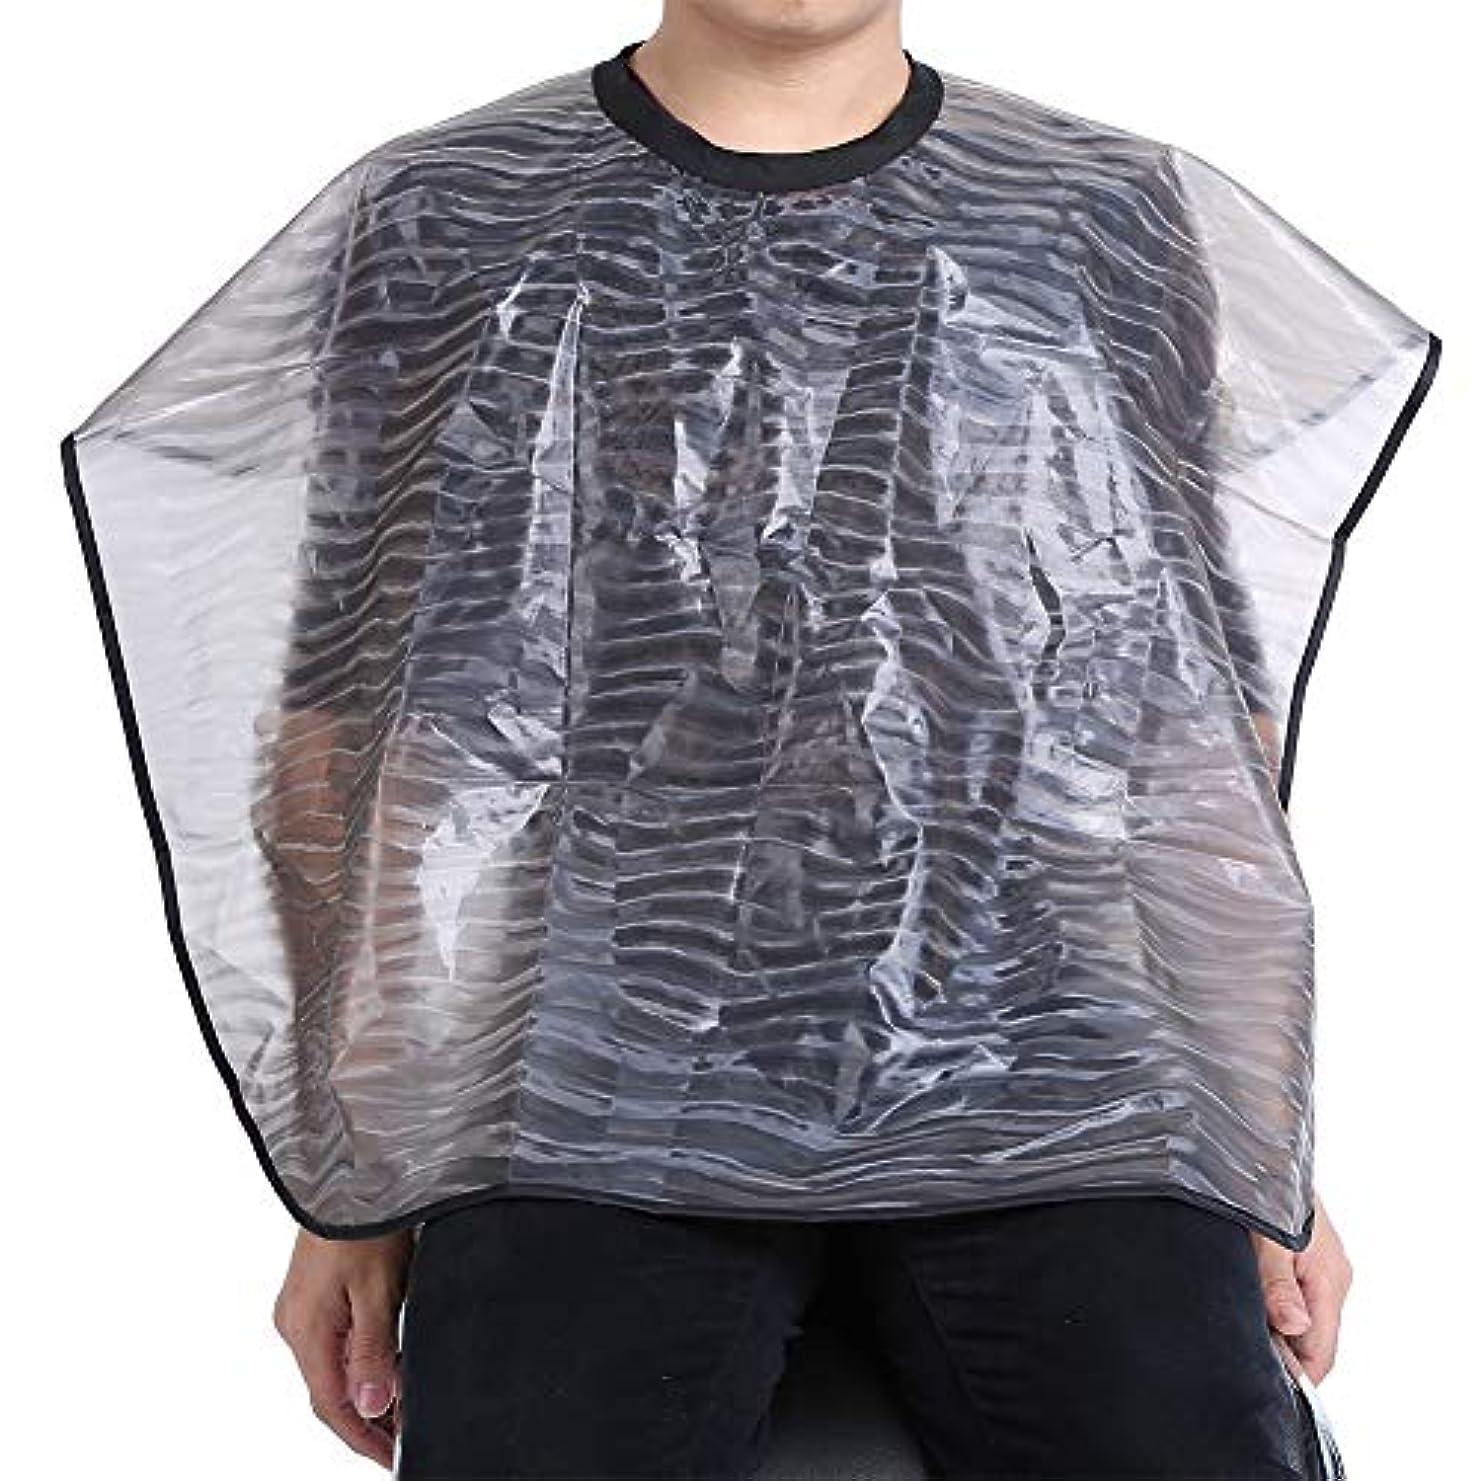 内陸スティックほのめかす2サイズ防水再利用可能なサロン理髪布-耐久性のあるヘアスタイリストガウンバーバーケープ(01)